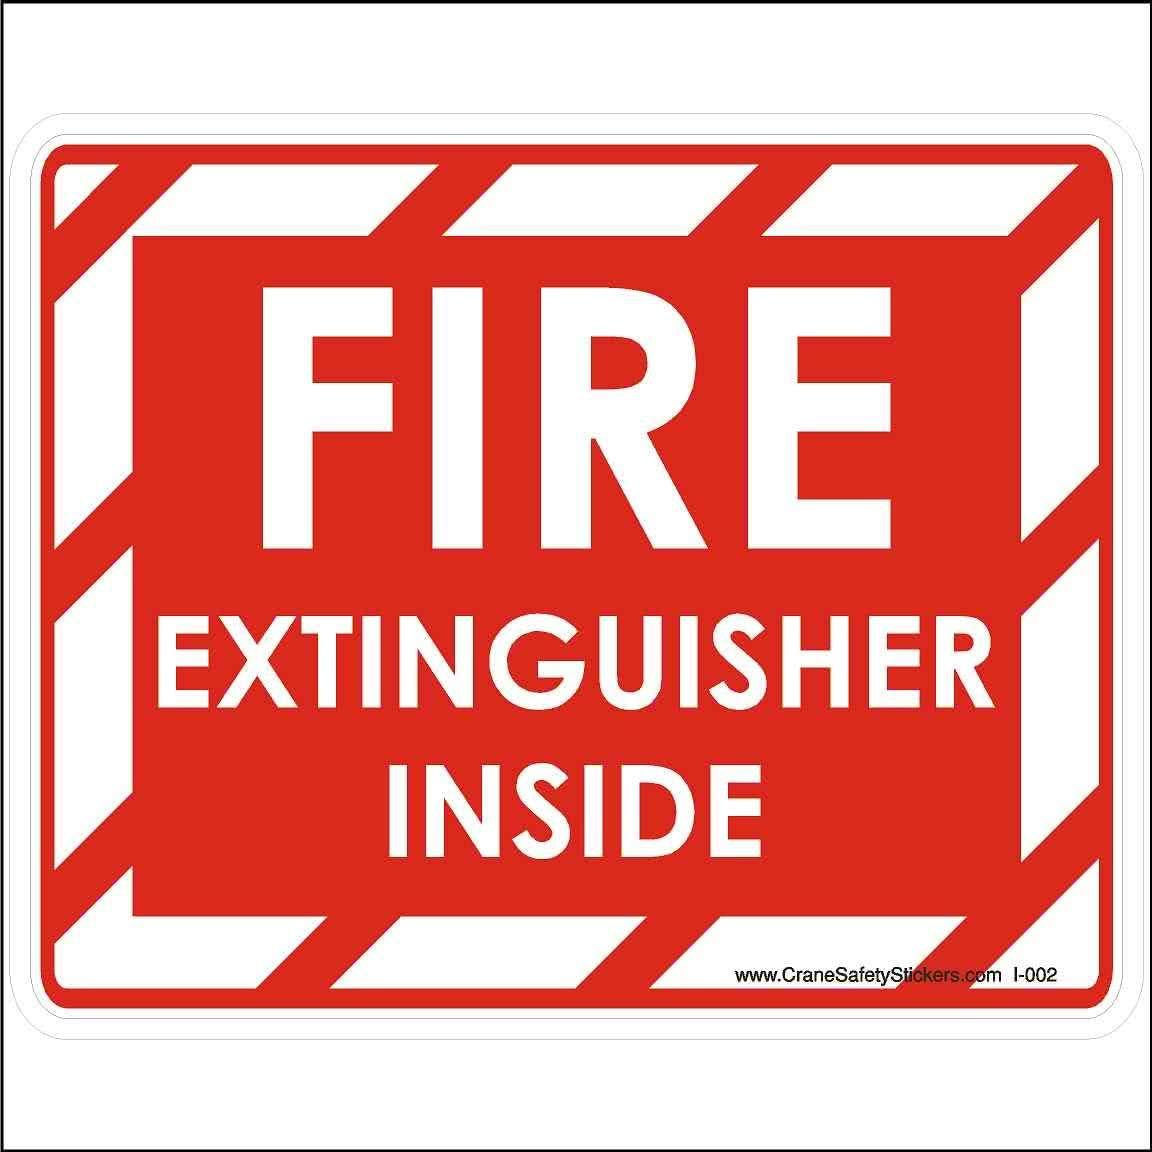 Crane Safety Sticker Fire Extinguisher Inside Bucket Truck Safety Decal